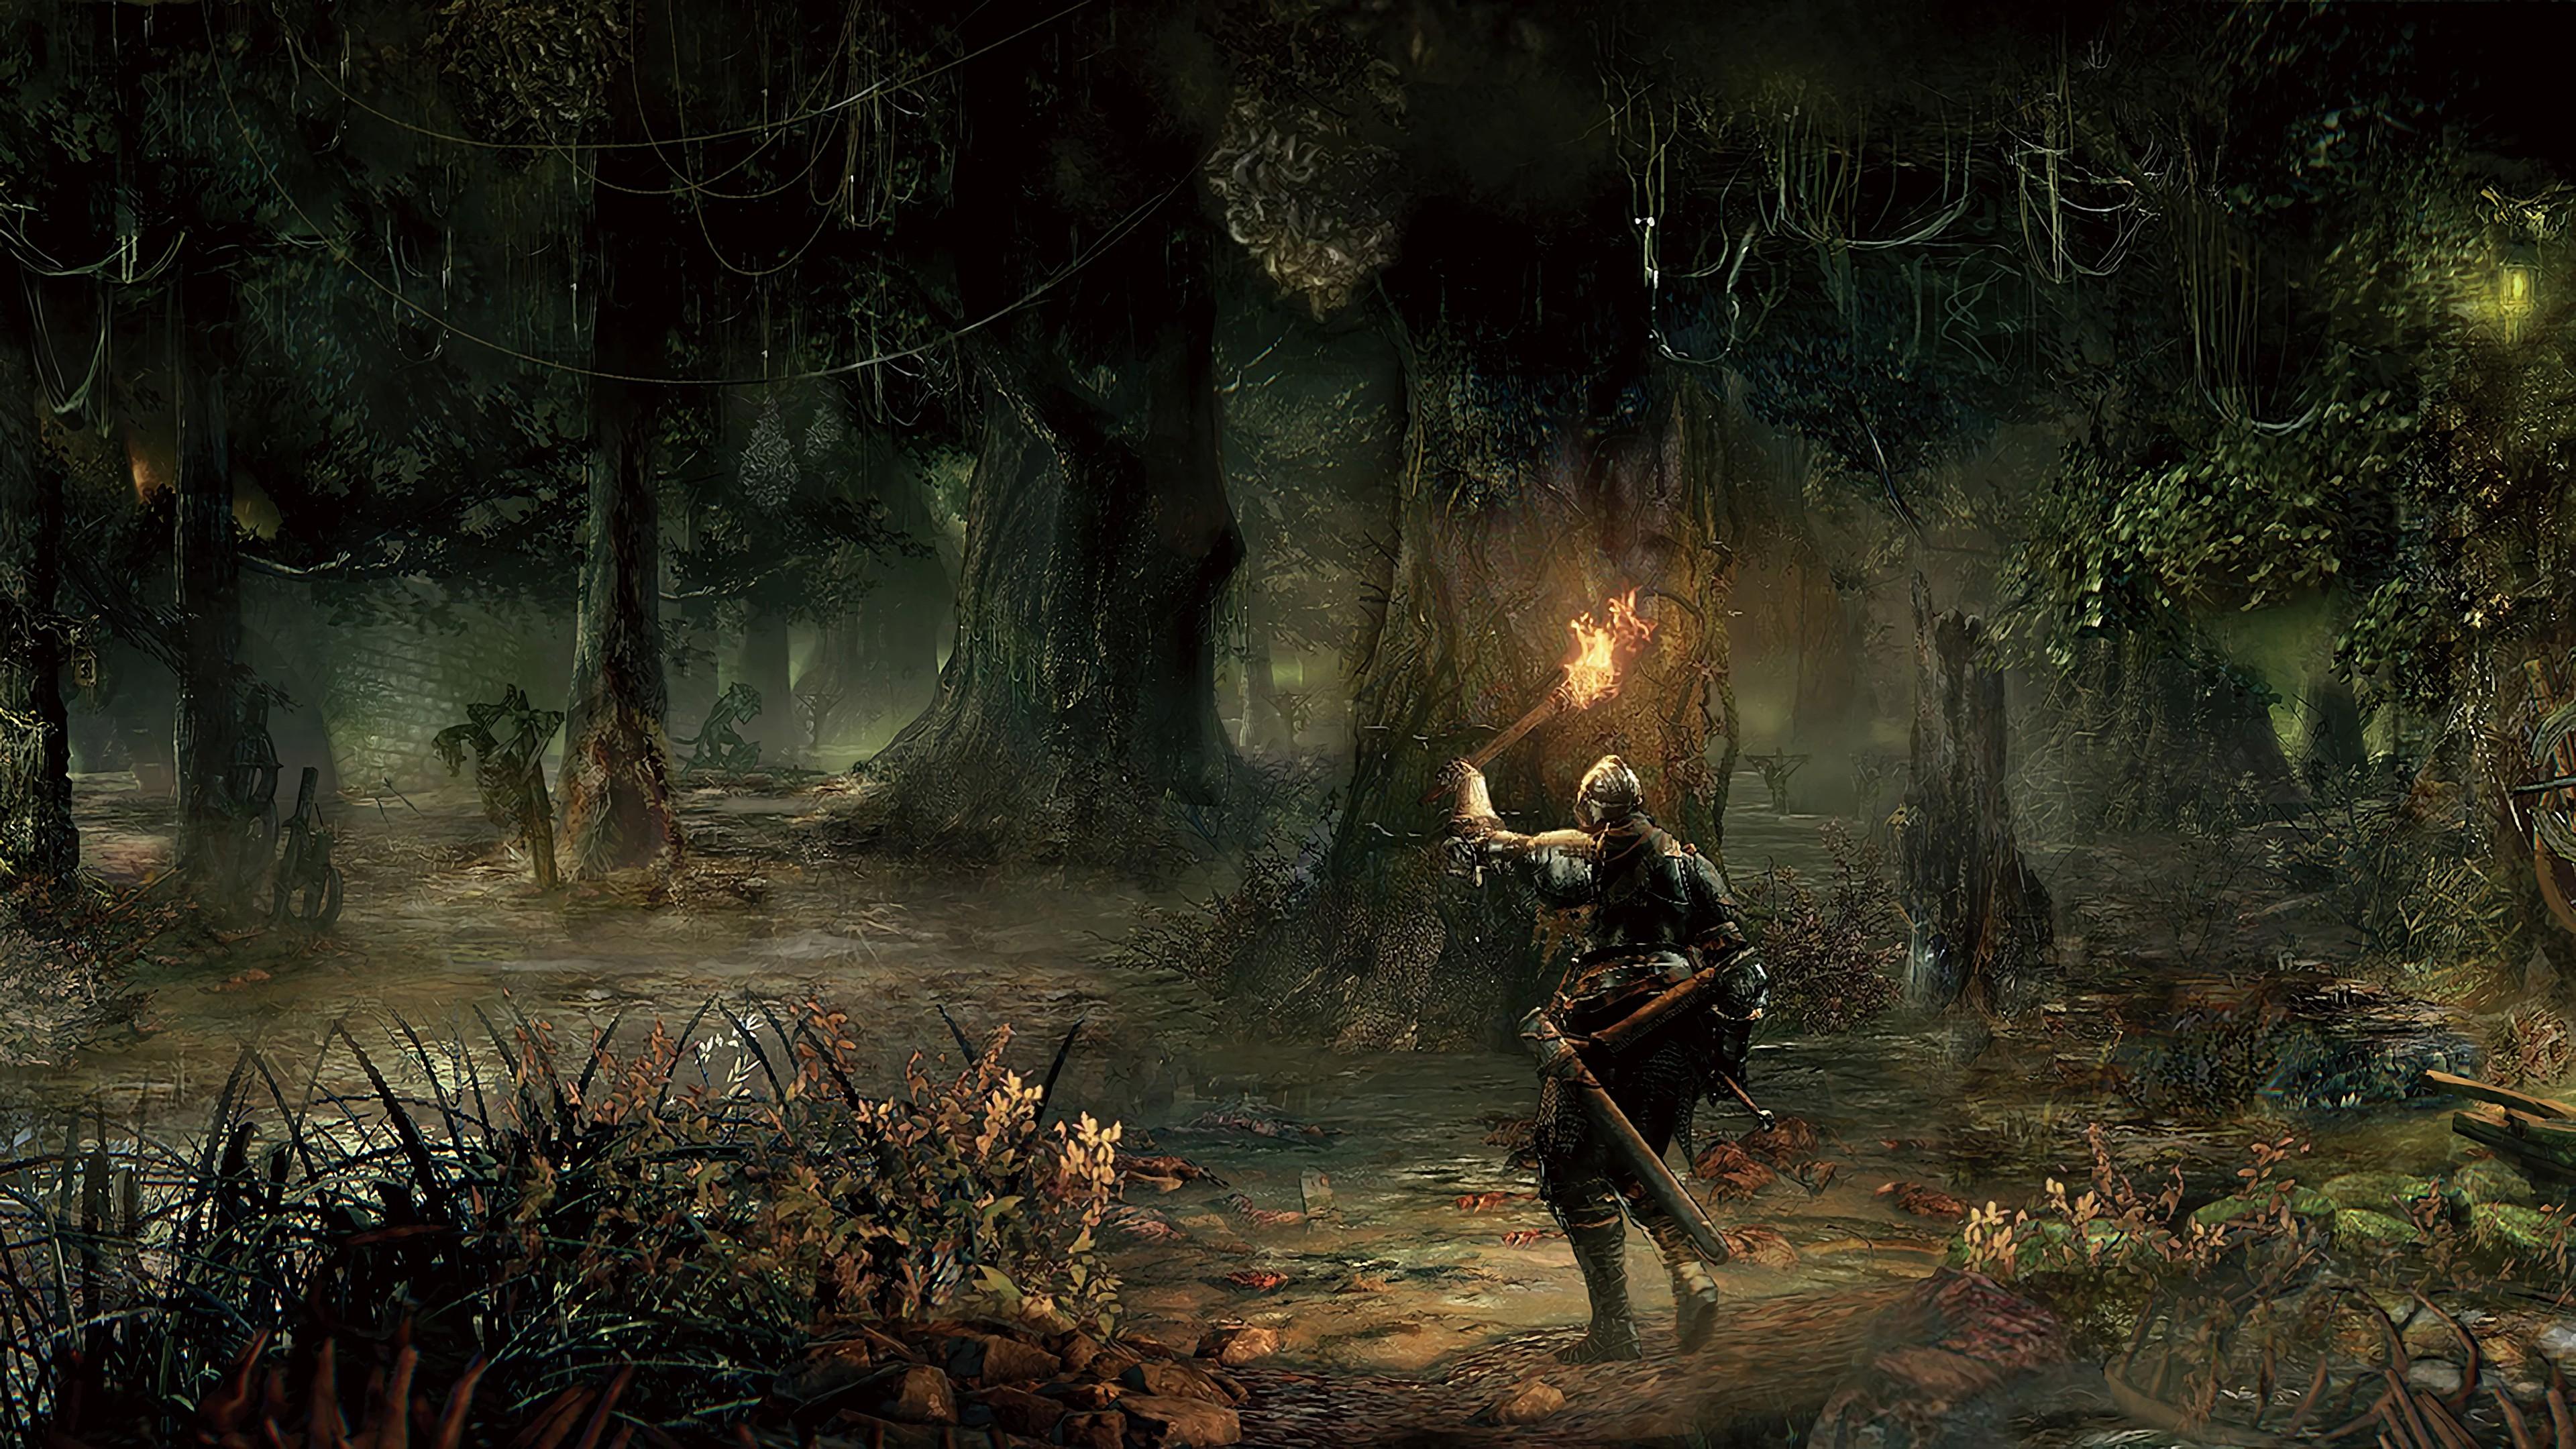 dark souls 3 game art 1535967866 - Dark Souls 3 Game Art - xbox games wallpapers, ps games wallpapers, pc games wallpapers, games wallpapers, dark souls 3 wallpapers, artist wallpapers